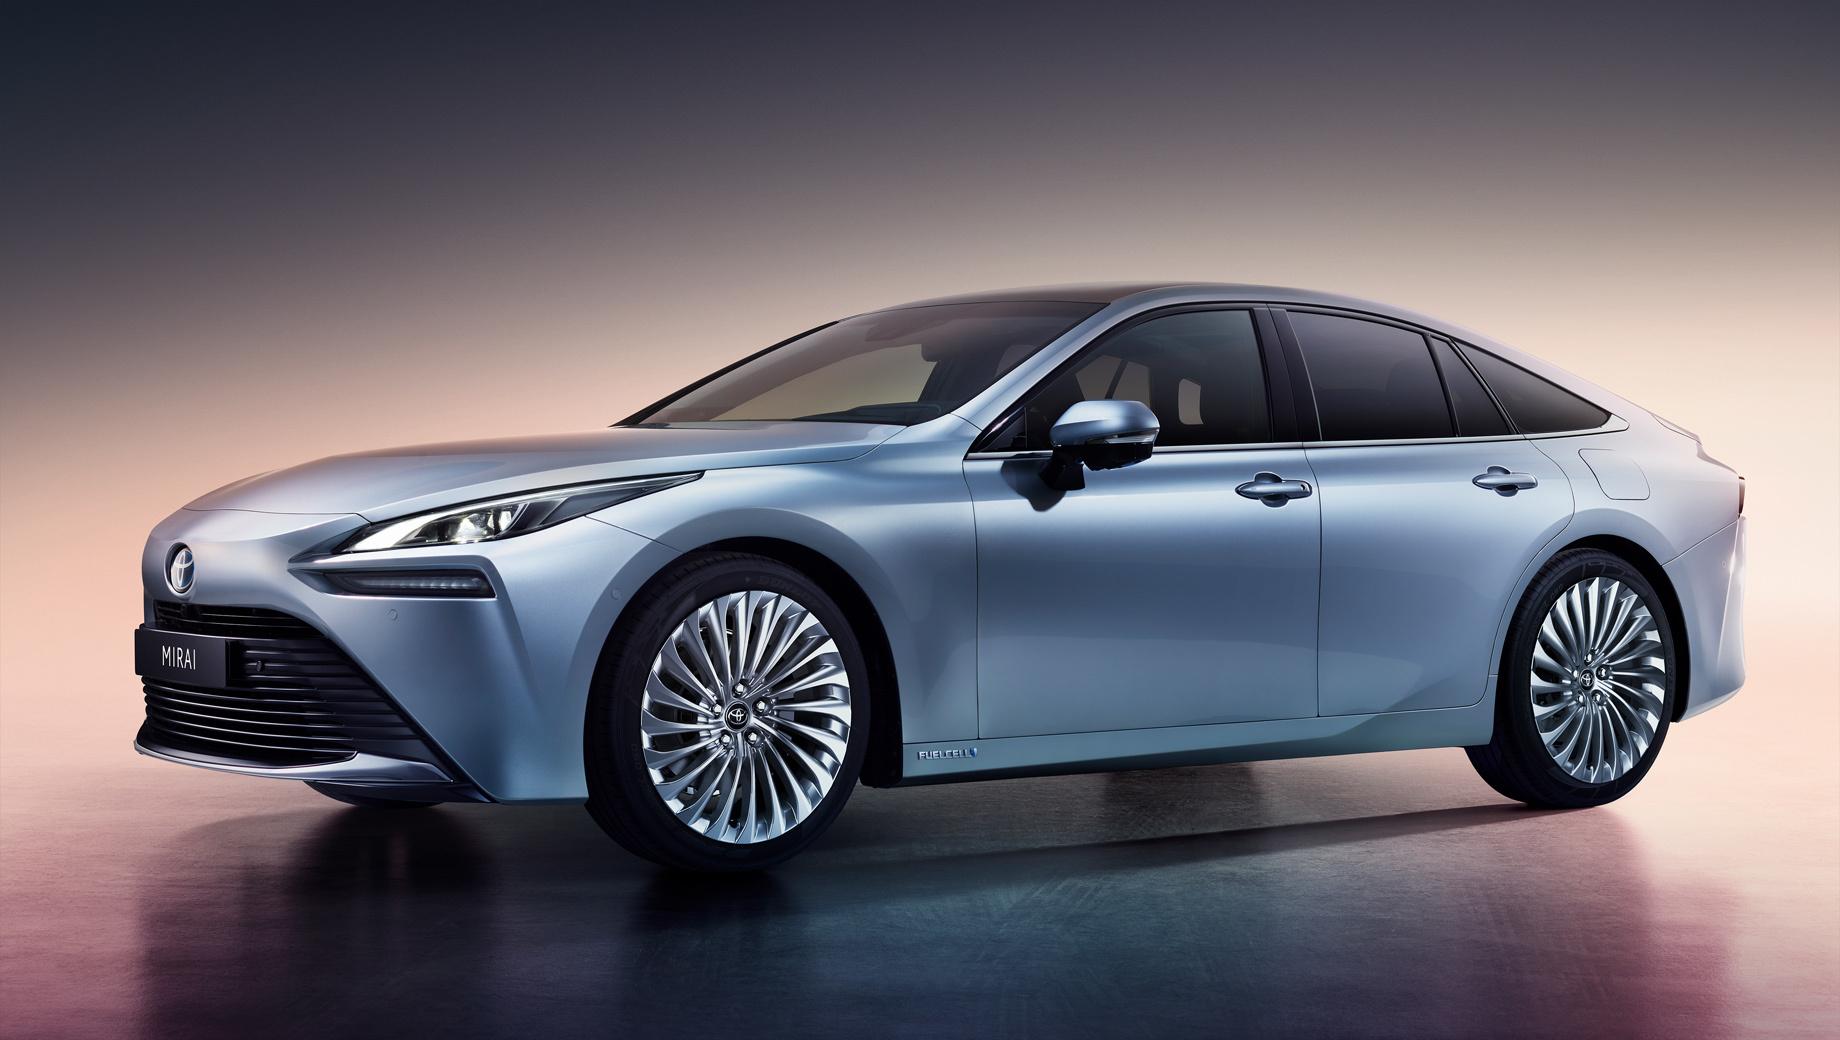 Toyota mirai. Mirai нового поколения длиннее предшественника на 85 мм (4975), шире на 70 мм (1885) и ниже на 65 мм (1470). Колёсная база подросла на 140 мм до 2920.